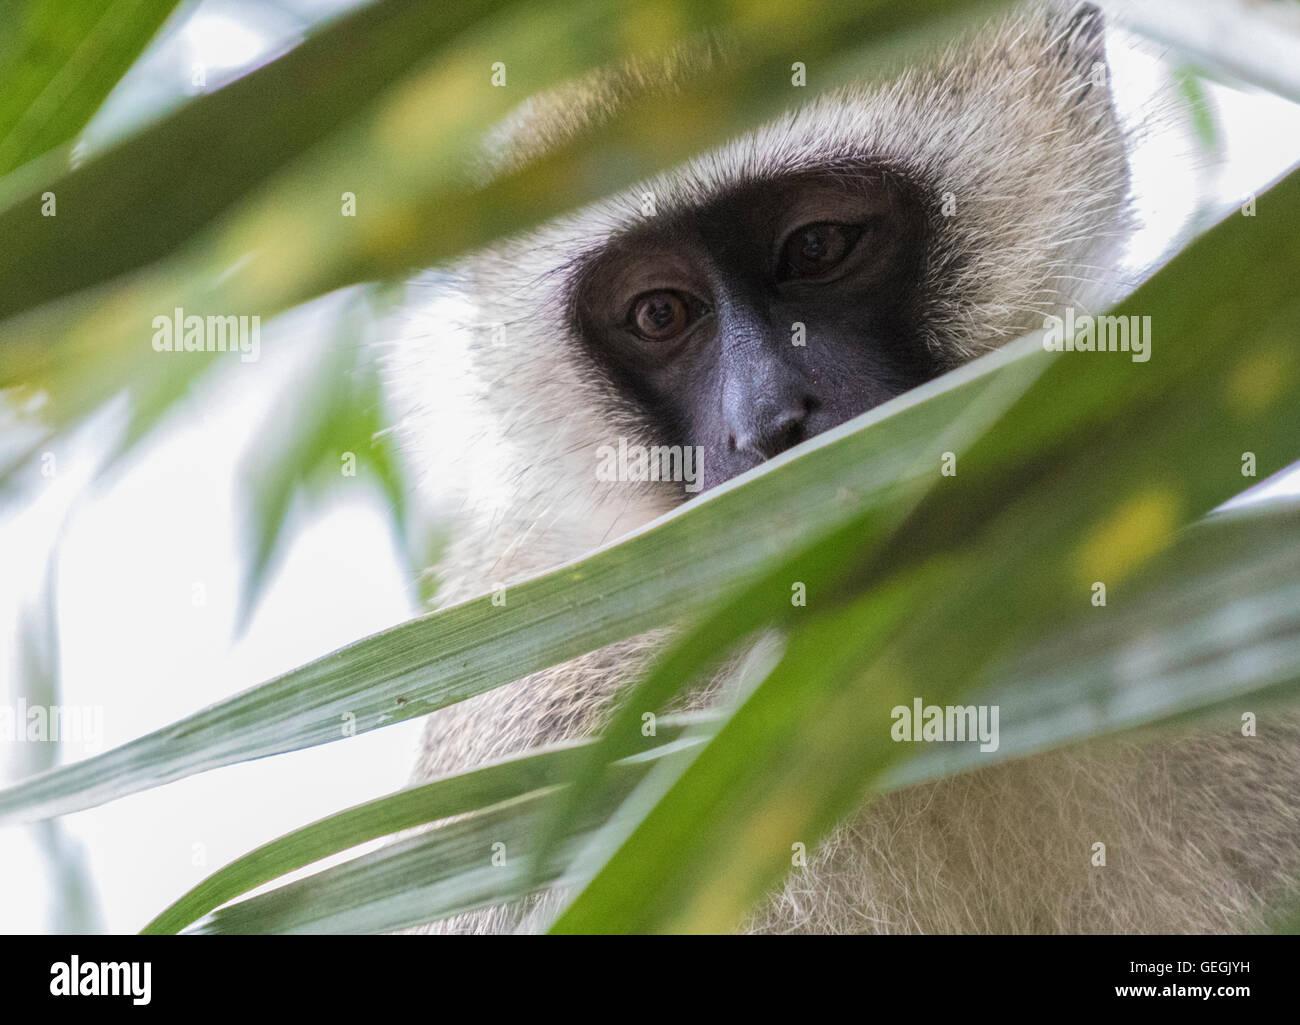 Vervet monkey sentado en un árbol y llegando a través de las hojas, Ukunda, Kenya, Africa. Imagen De Stock